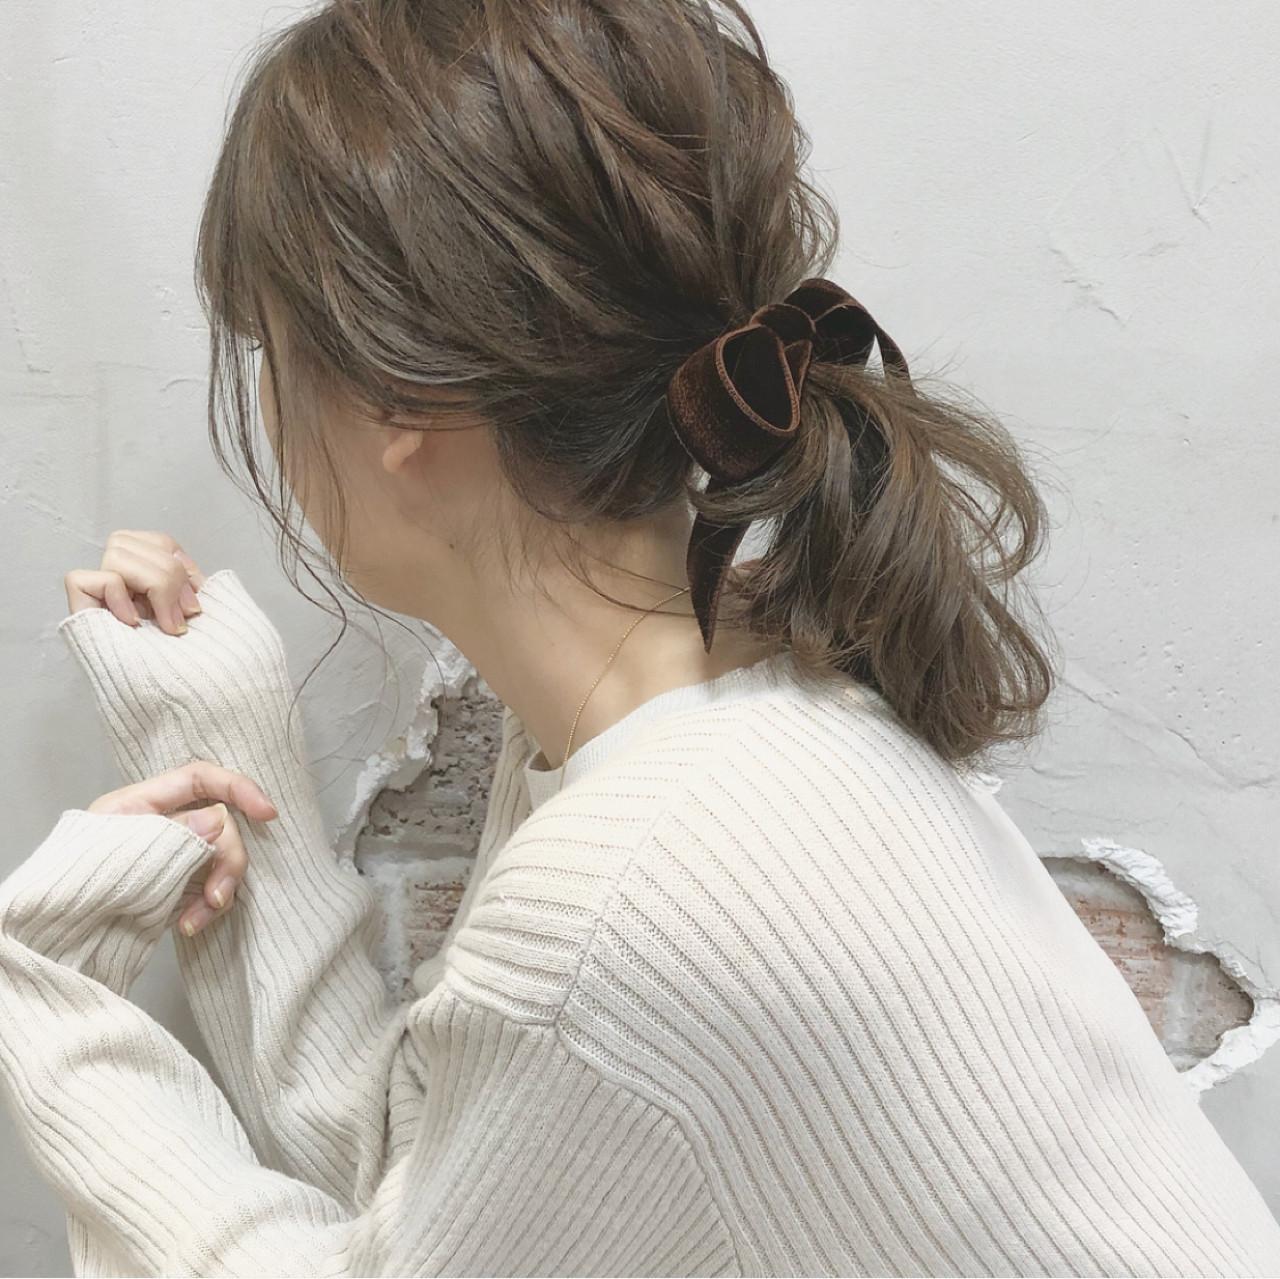 色っぽ後れ毛の位置に注目して! hii.de@✂︎